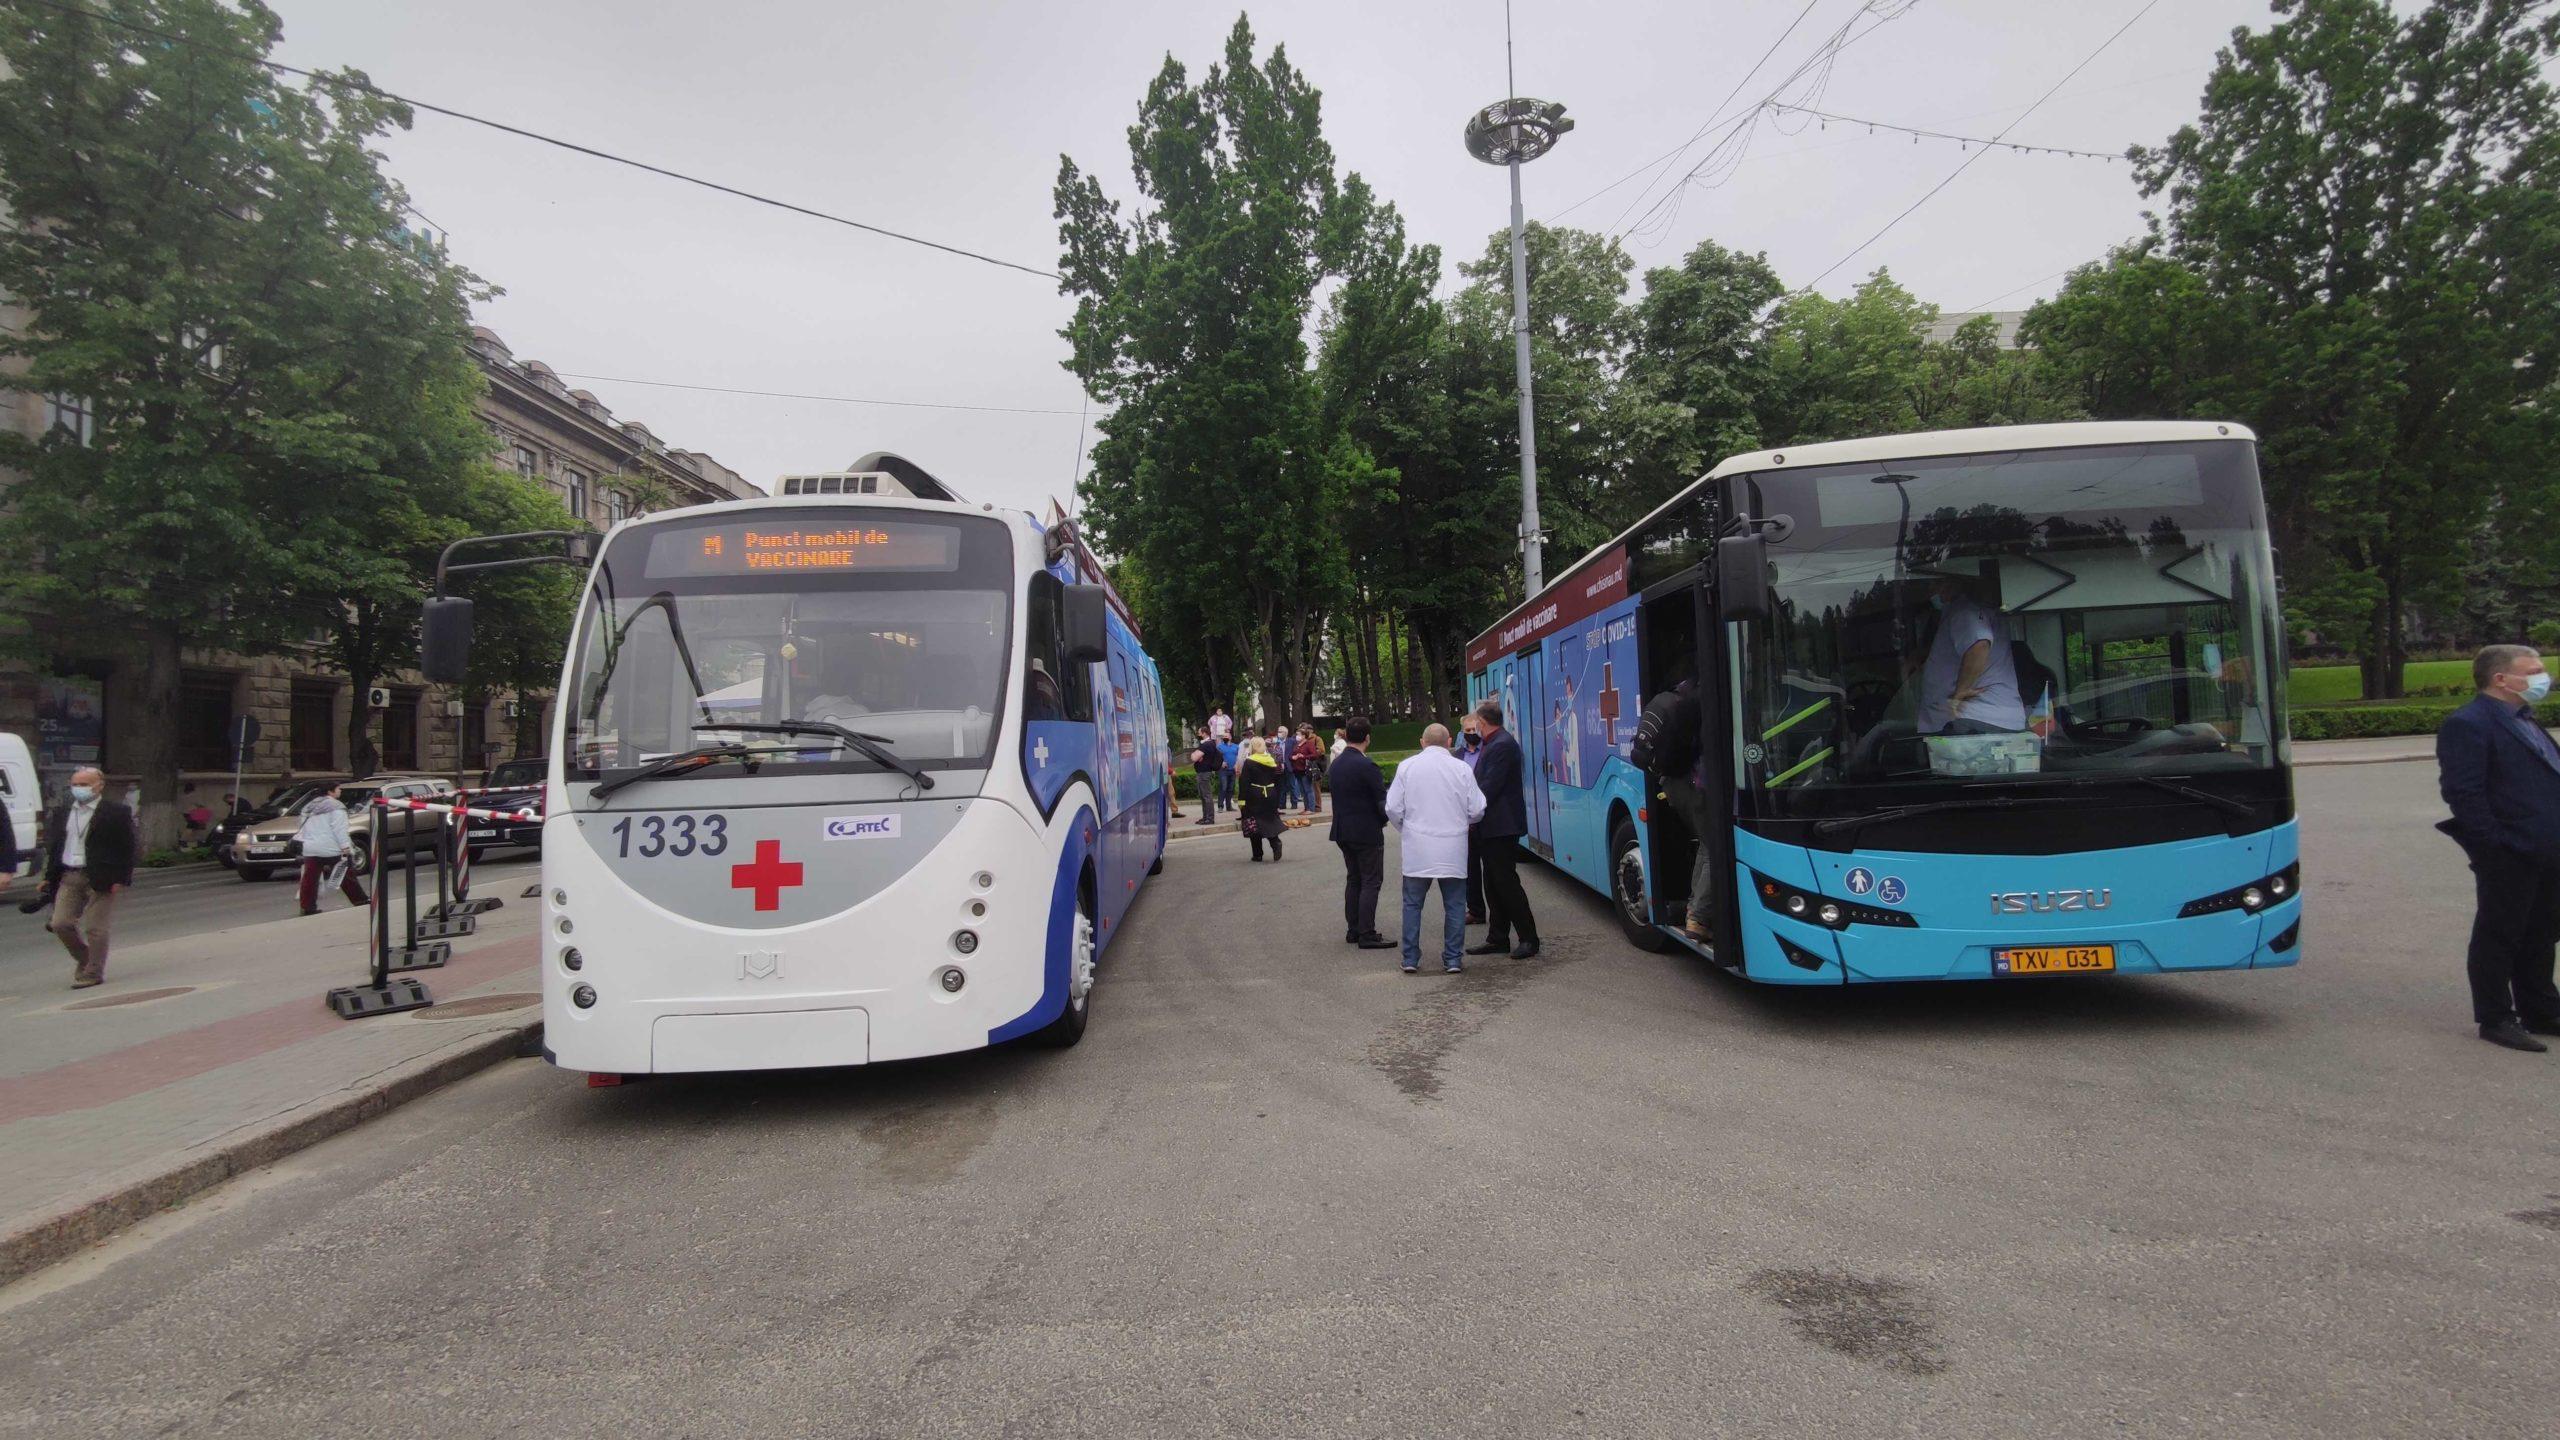 Как прививаются втроллейбусе? ВКишиневе началась кампания мобильной вакцинации. СтримNM